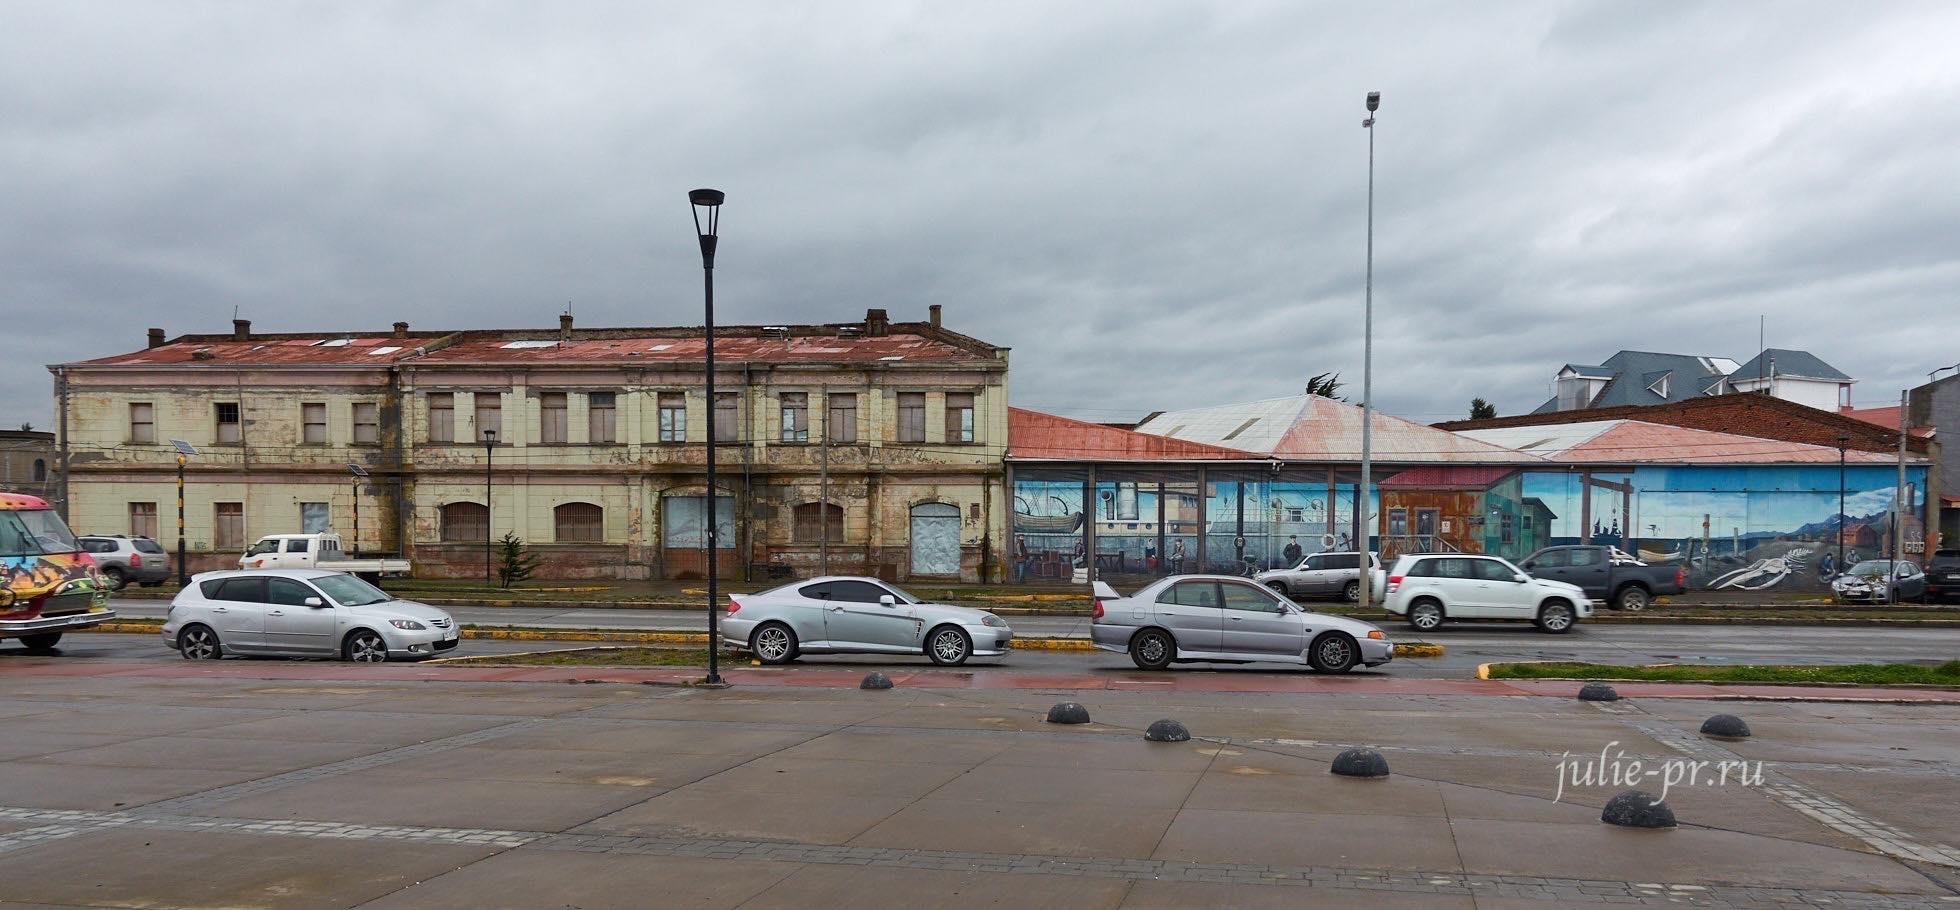 Чили, Патагония, Пунта-Аренас, Граффити